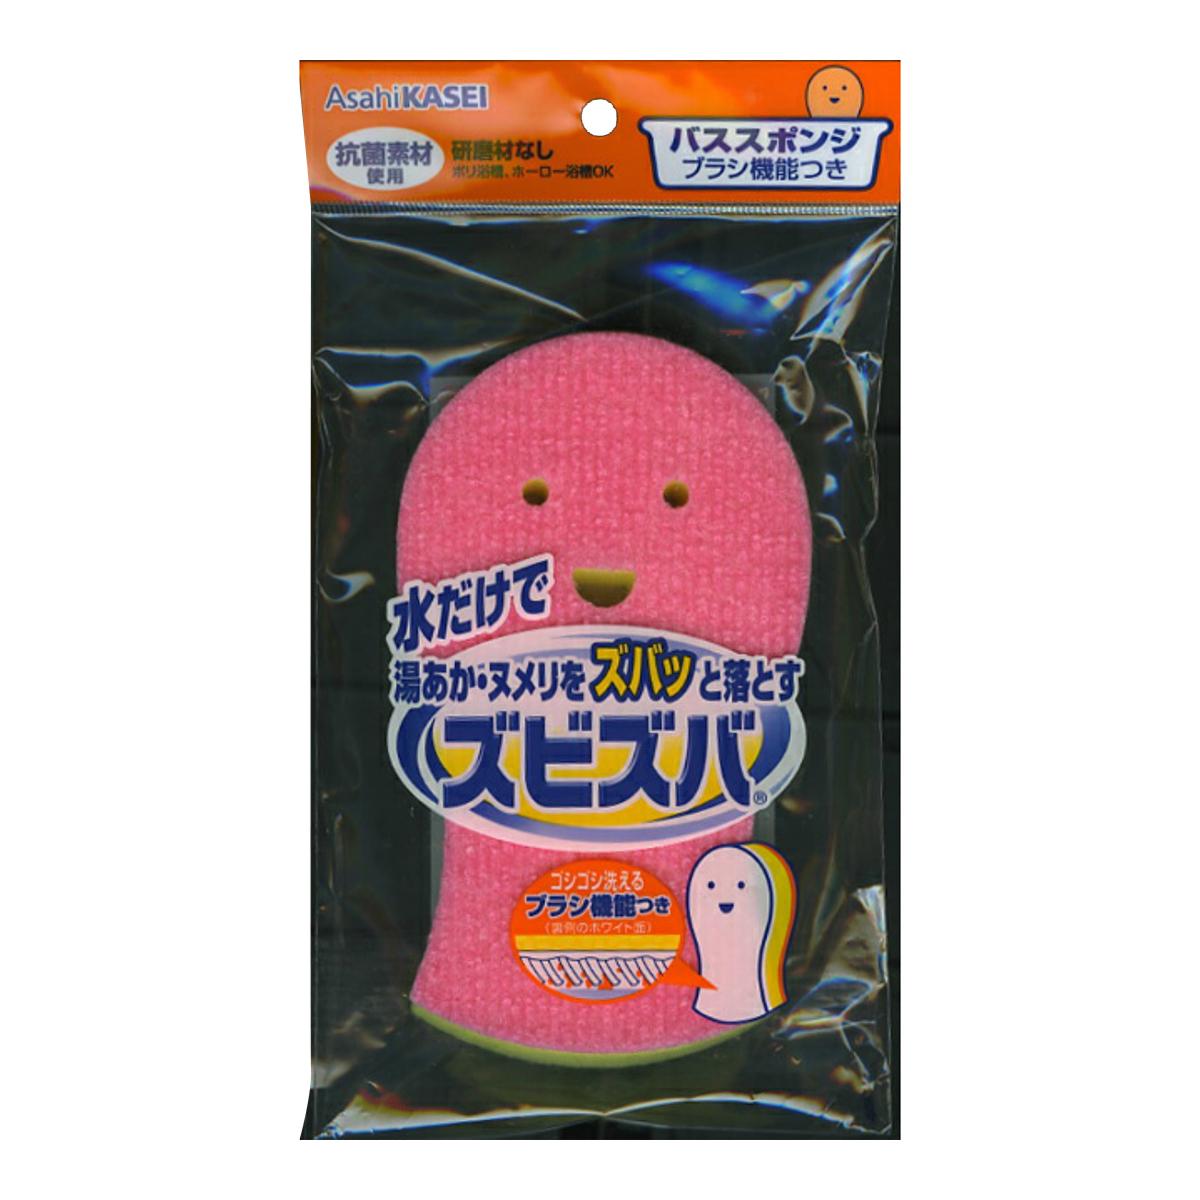 【送料無料】旭化成 ズビズバ バススポンジ×120点セット まとめ買い特価!ケース販売 ( 4901670103991 )